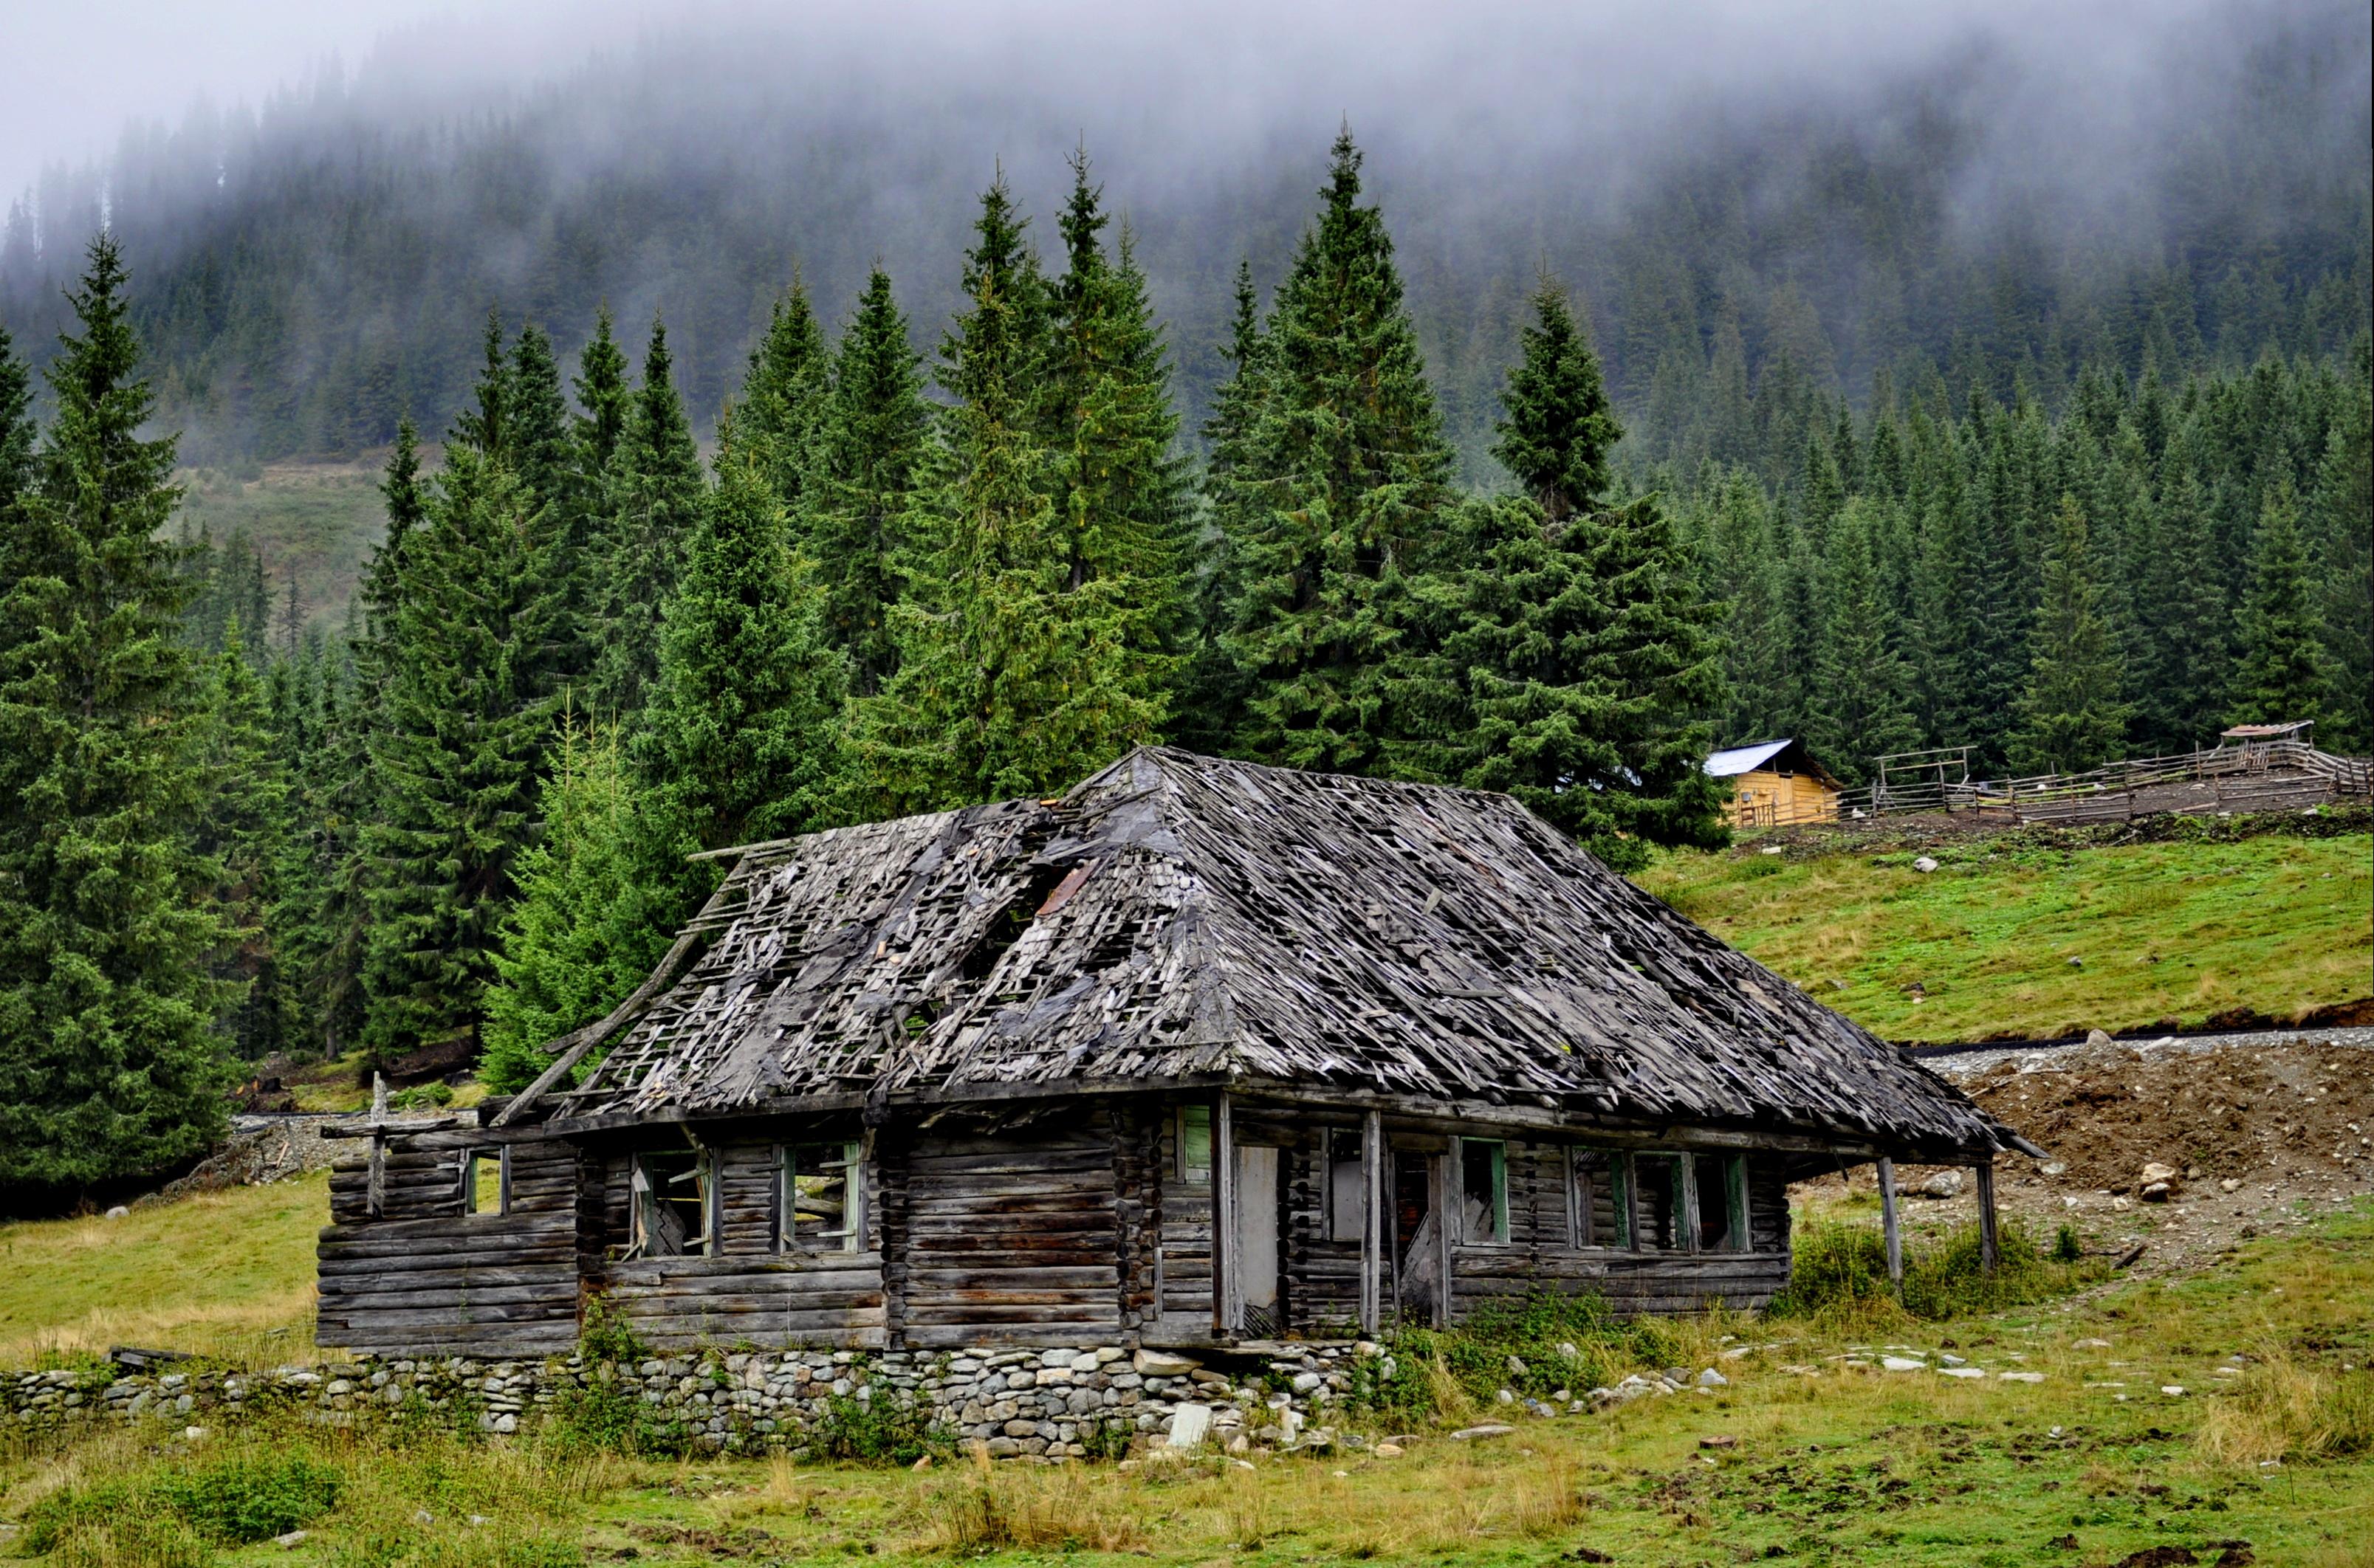 Casa trecuta de vreme - Valcea - Romania